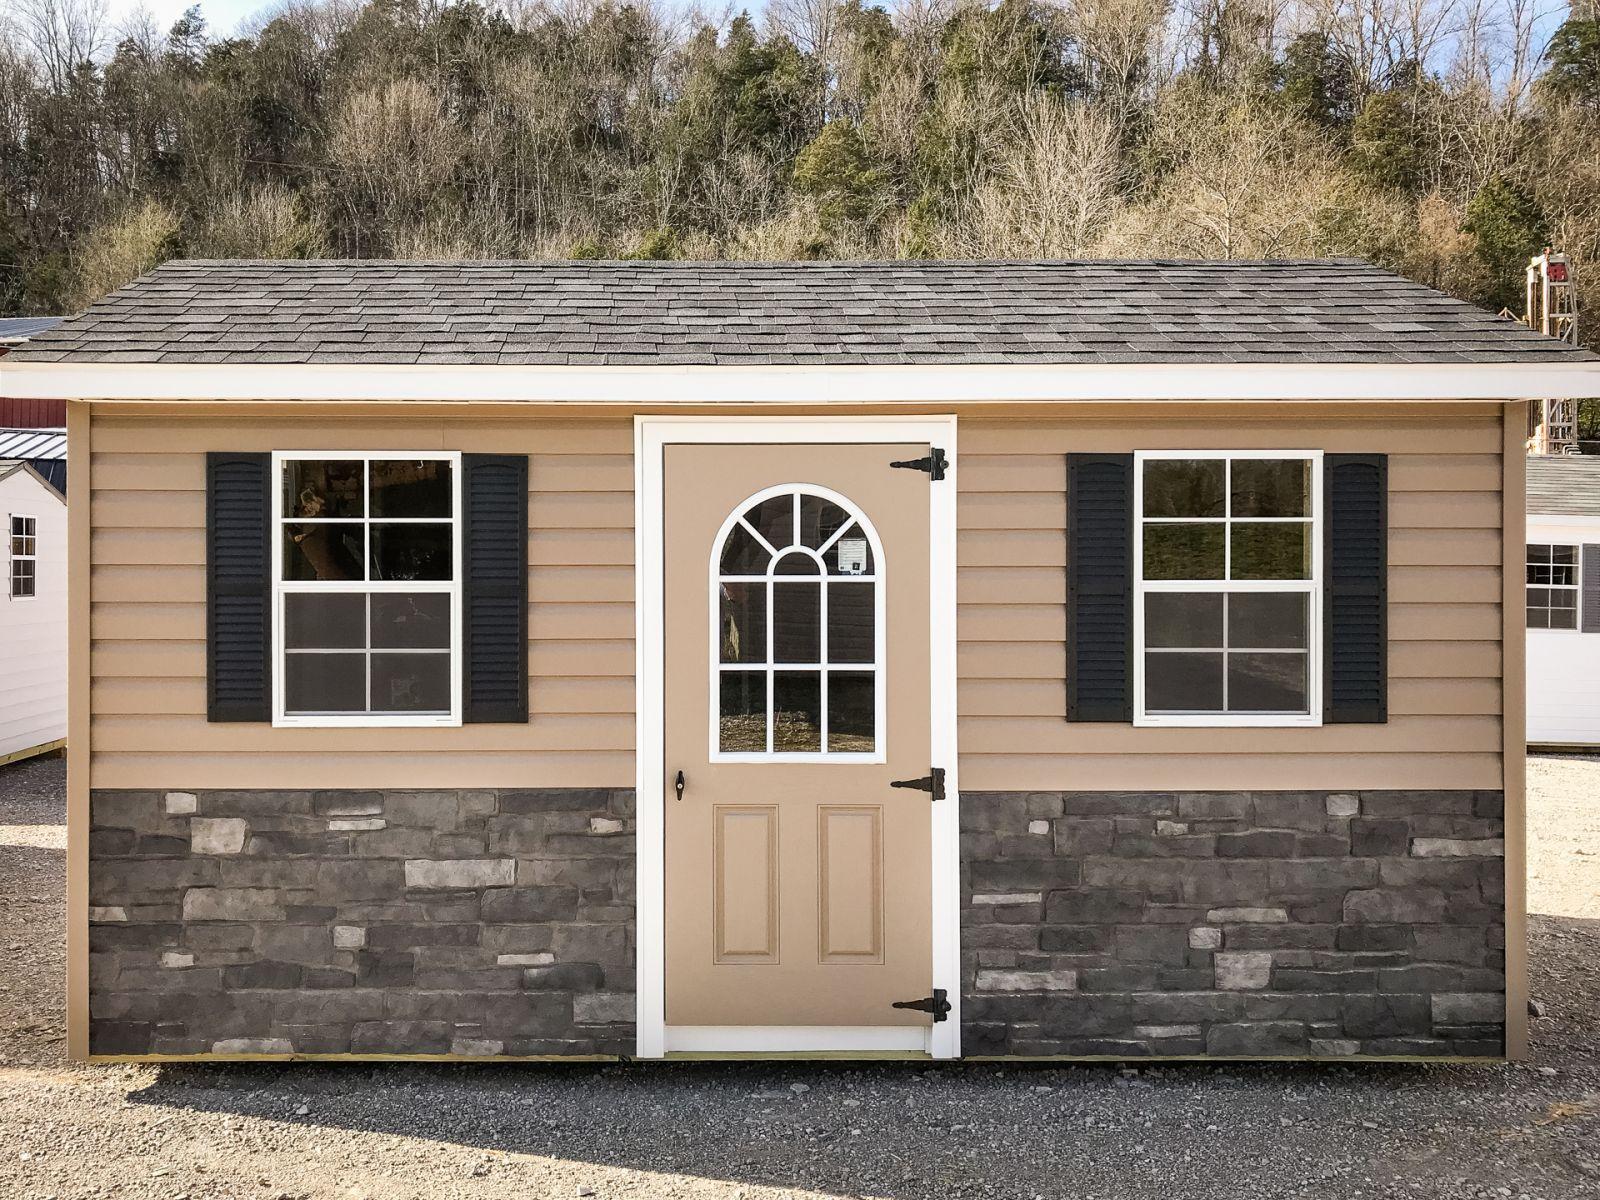 a prefab storage shed for sale in mount juliet tn